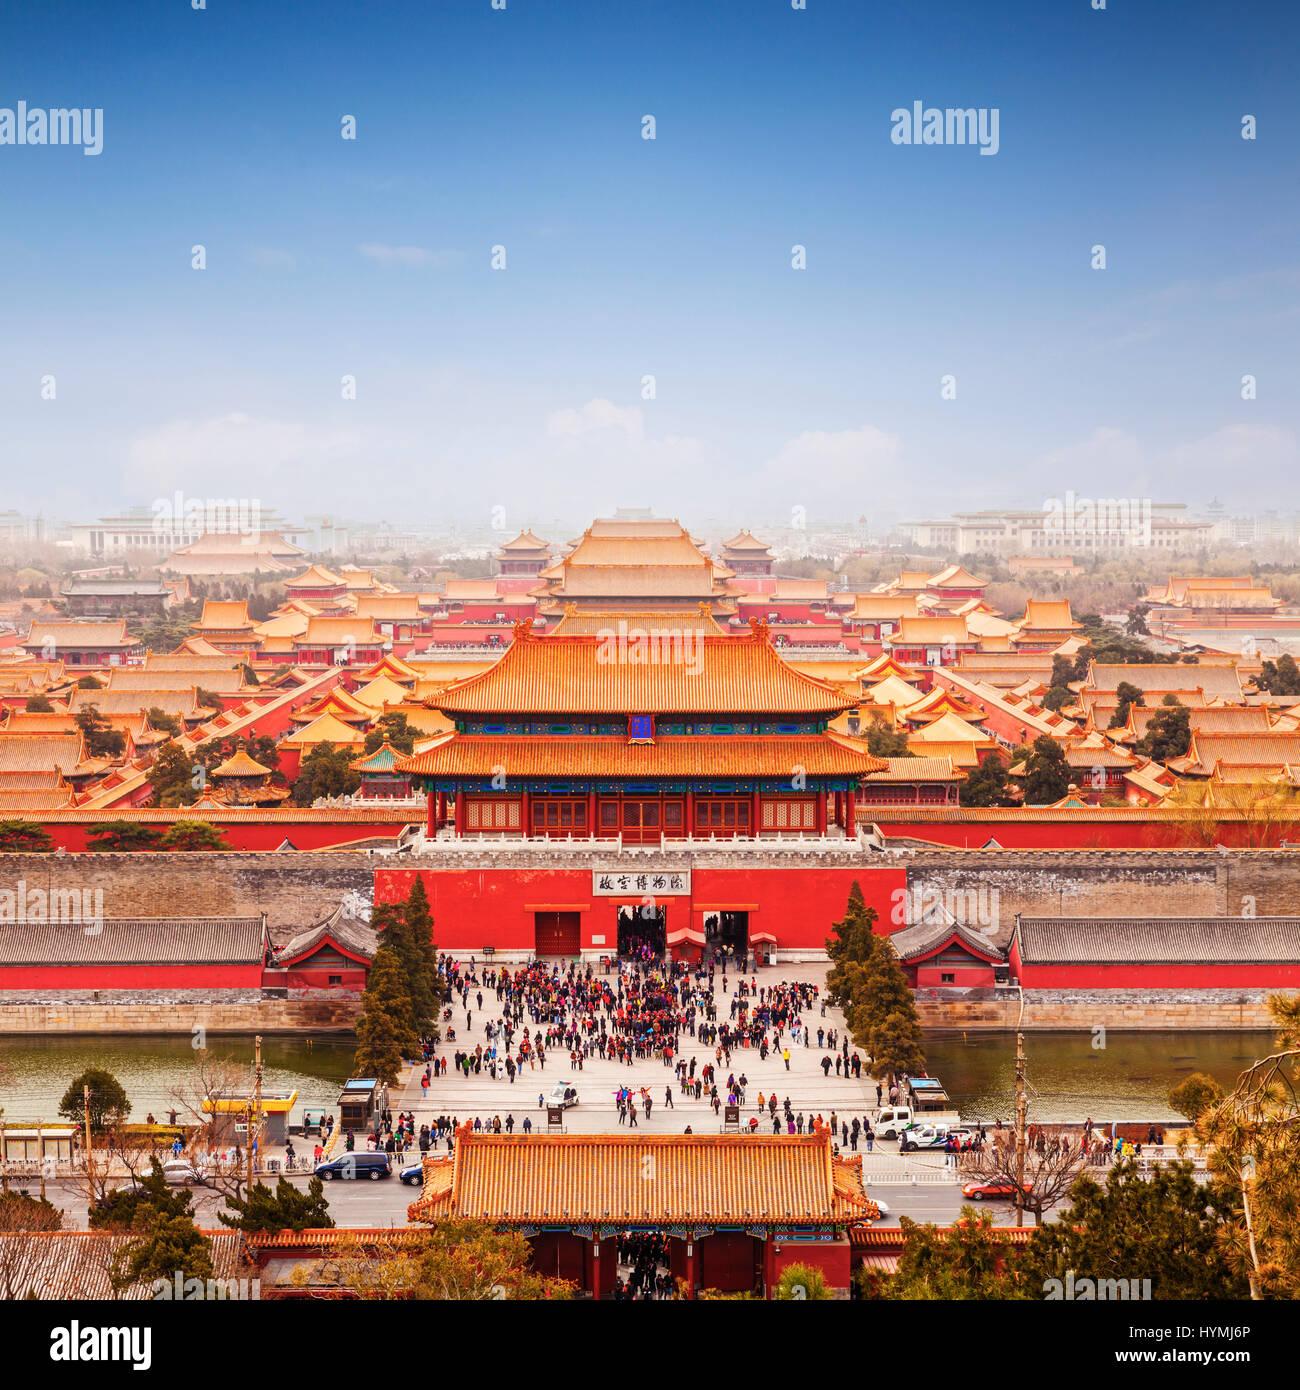 Vista aérea de la Ciudad Prohibida, Beijing, China, en formato cuadrado. Imagen De Stock